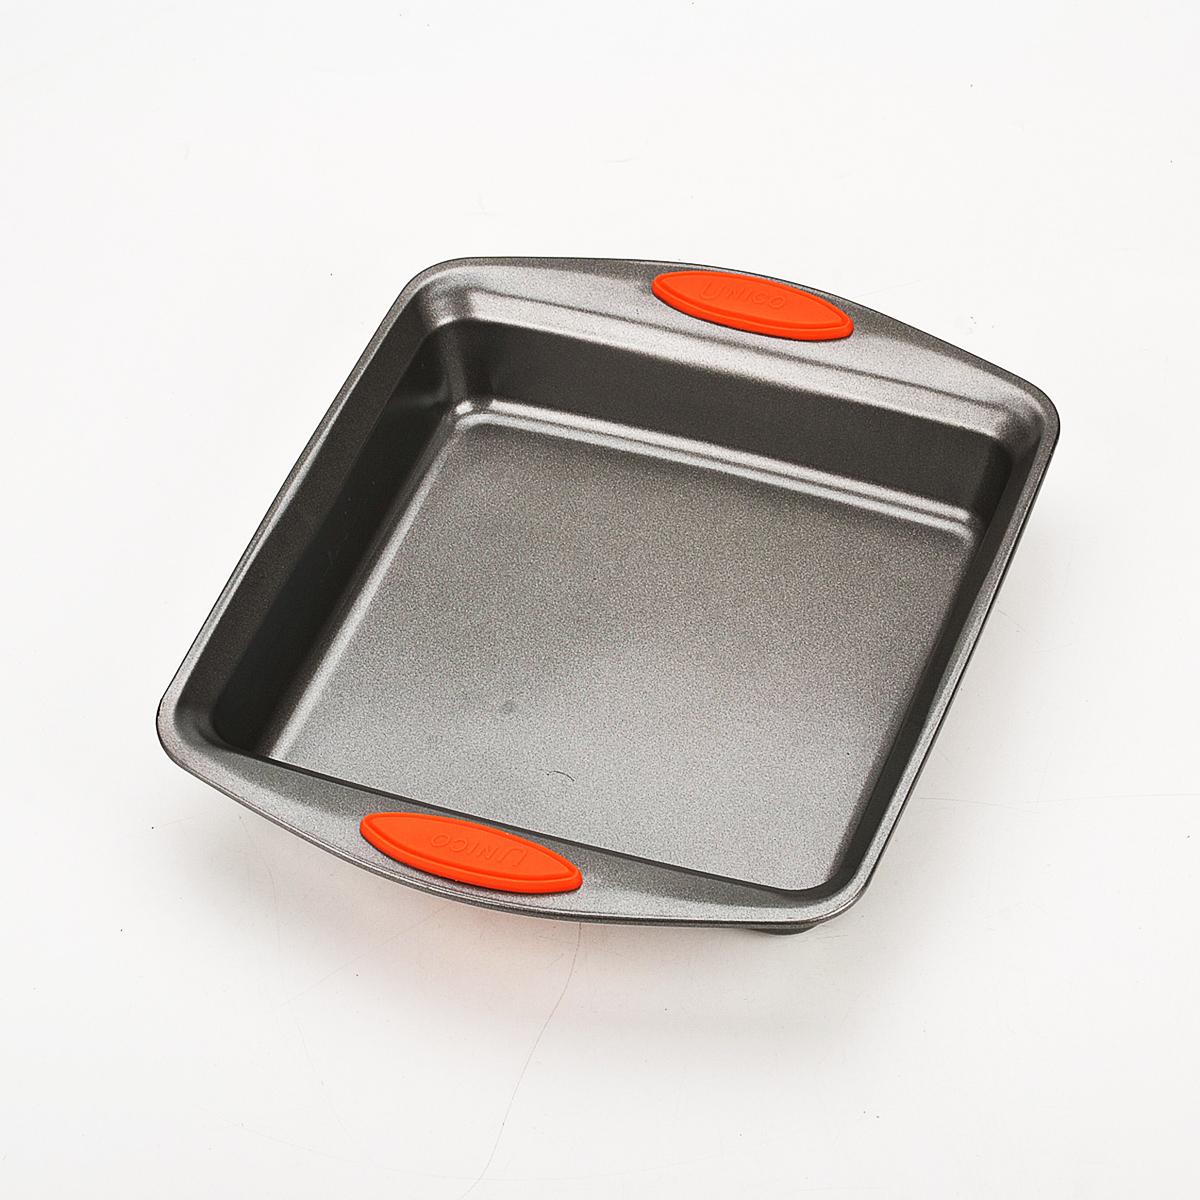 Форма для пирога Mayer & Boch, квадратная, цвет: черный, 31 х 25,8 см 40954095Квадратная форма для пирога Mayer & Boch изготовлена из углеродистой стали. Сталь не содержит вредных примесей ПФОК, что способствует здоровому и экологичному приготовлению пищи. Форма идеально подходит для приготовления пирогов и других блюд. Выдерживает температуру до +230°C. Изделие имеет ручки с силиконовыми вставками. Форма для запекания Mayer & Boch подходит для приготовления блюд в духовке. Можно мыть в посудомоечной машине. Высота стенки: 5,5 см. Толщина стенки: 2 мм. Толщина дна: 2 мм. Размер формы: 31 см х 25,8 см.